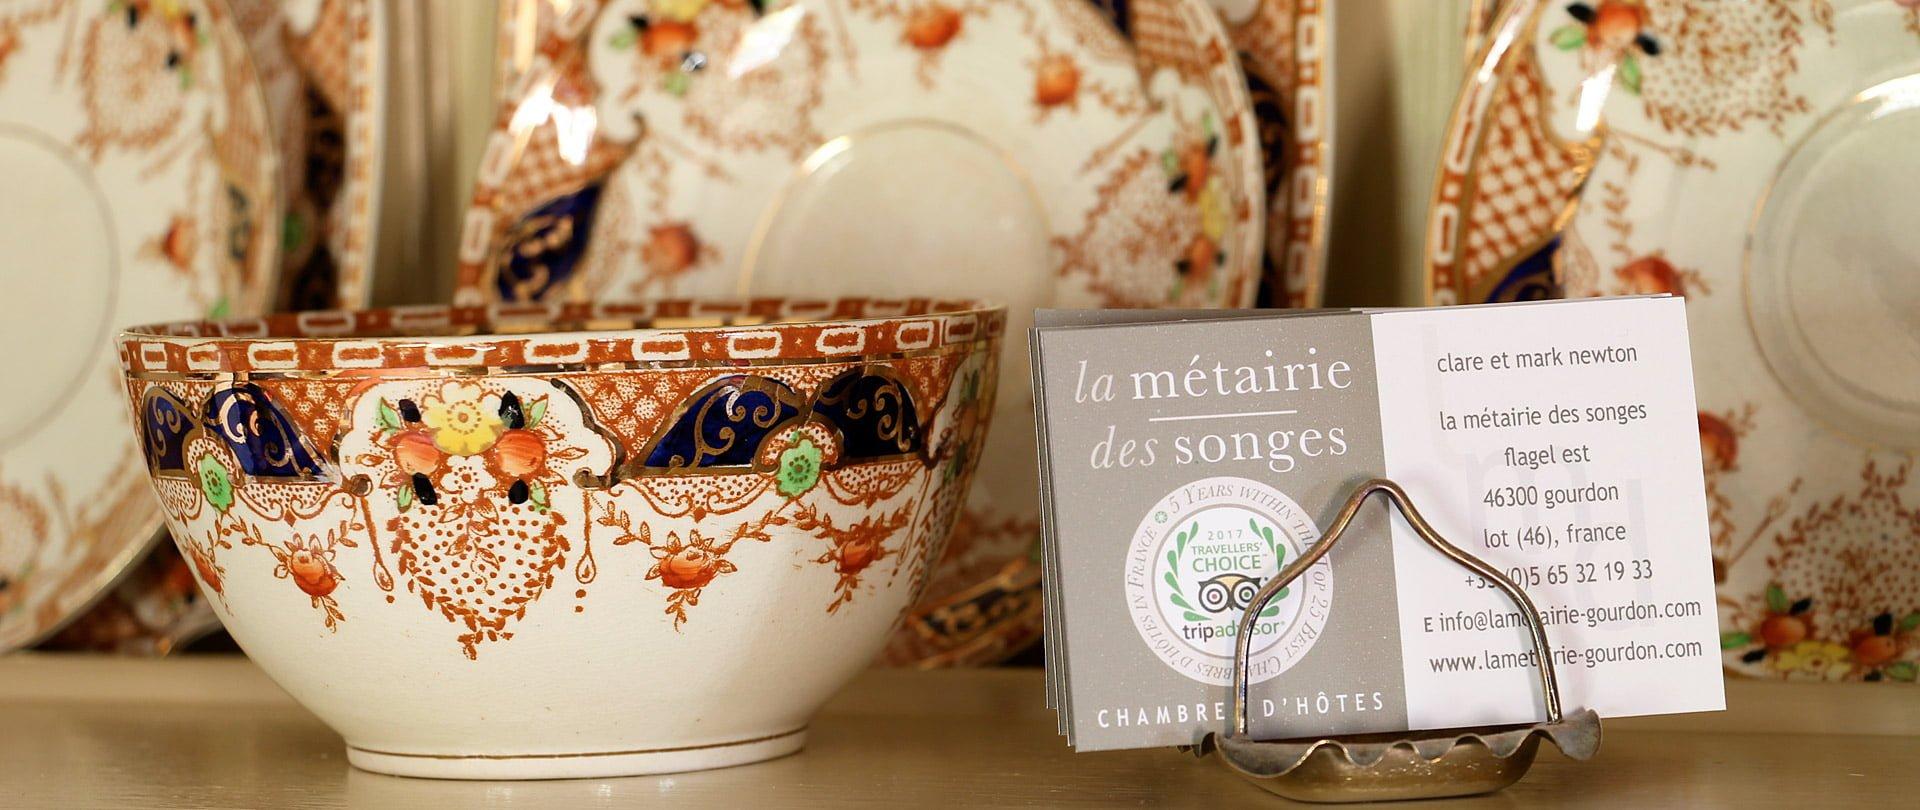 Book la Métairie des Songes